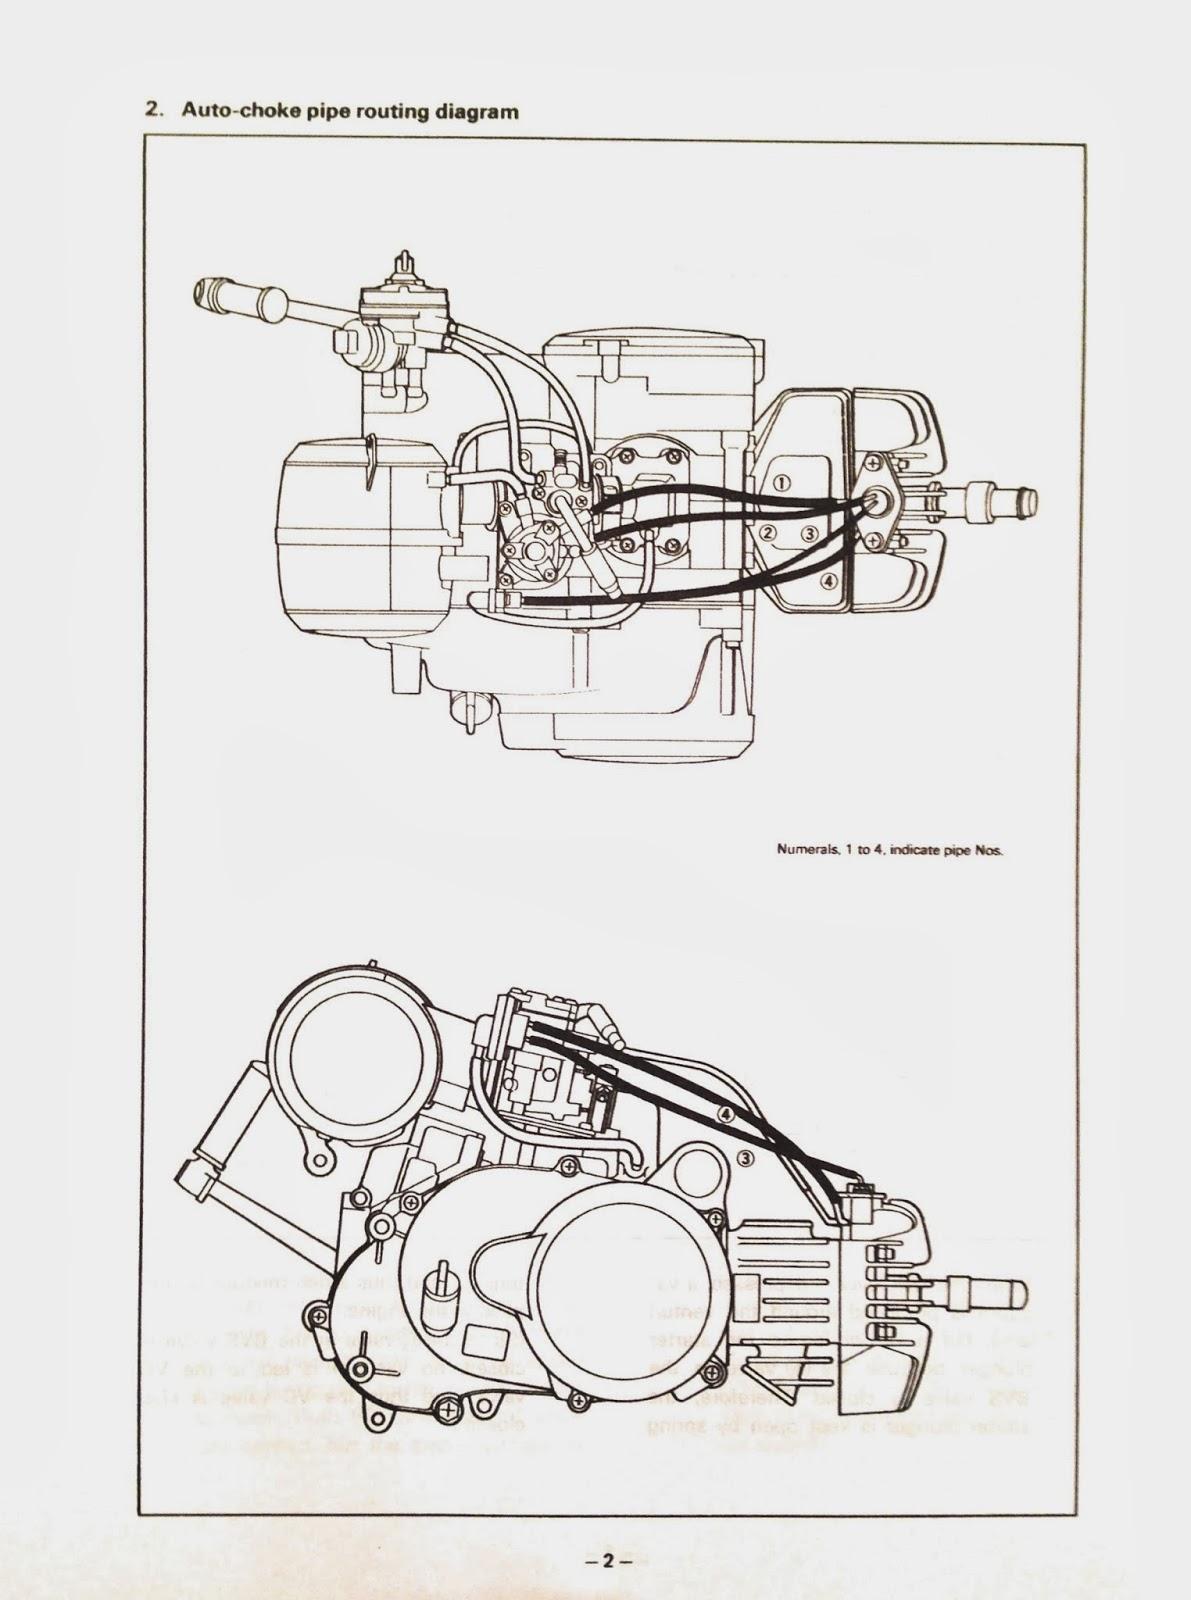 medium resolution of lc 50 service manual in jpg format